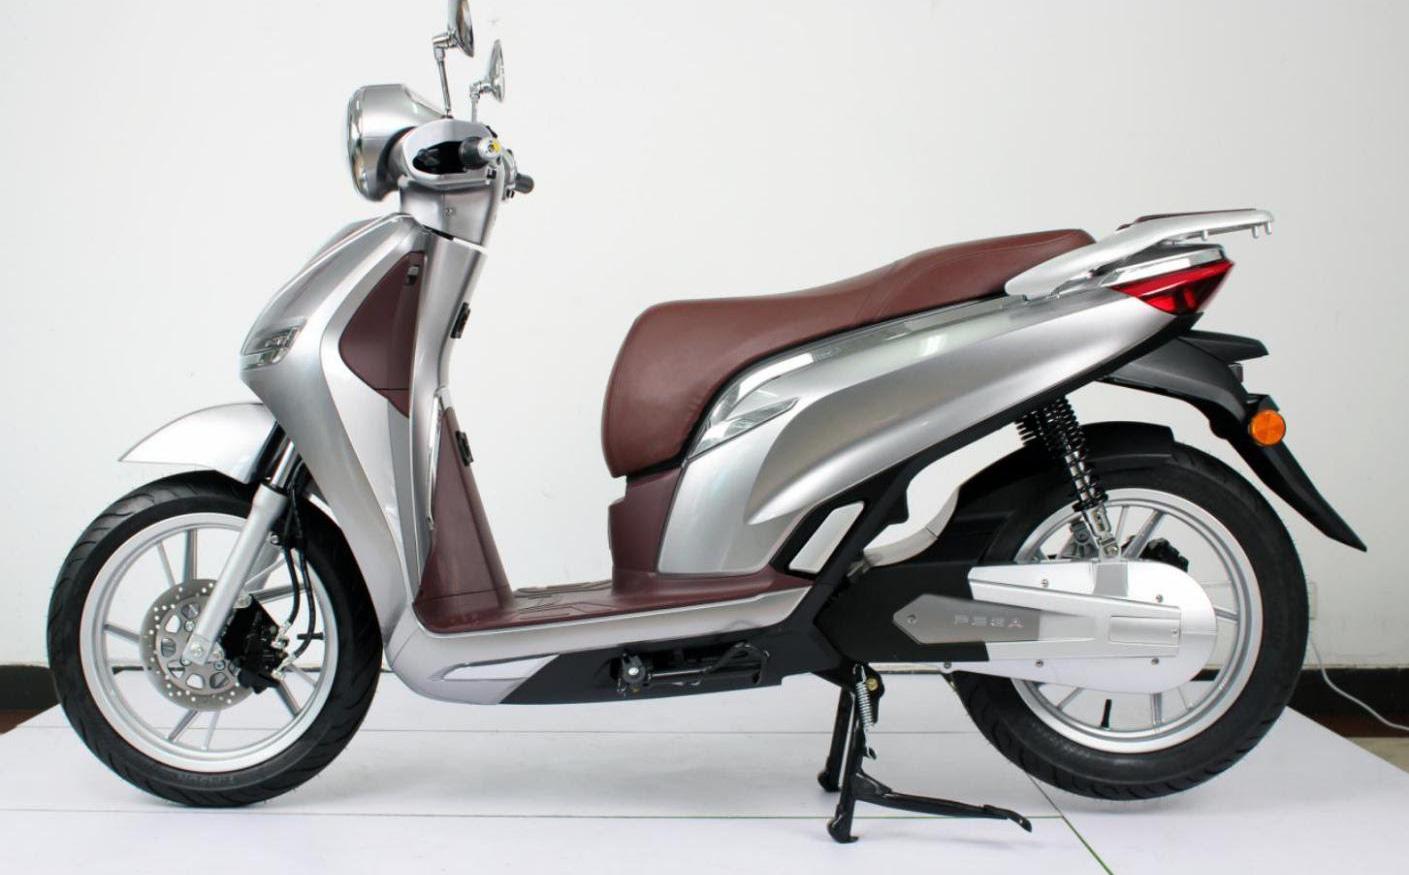 Mẫu xe giống với Honda SH nhưng giá bằng 1/3 bán ngược lại cho thị trường Trung Quốc